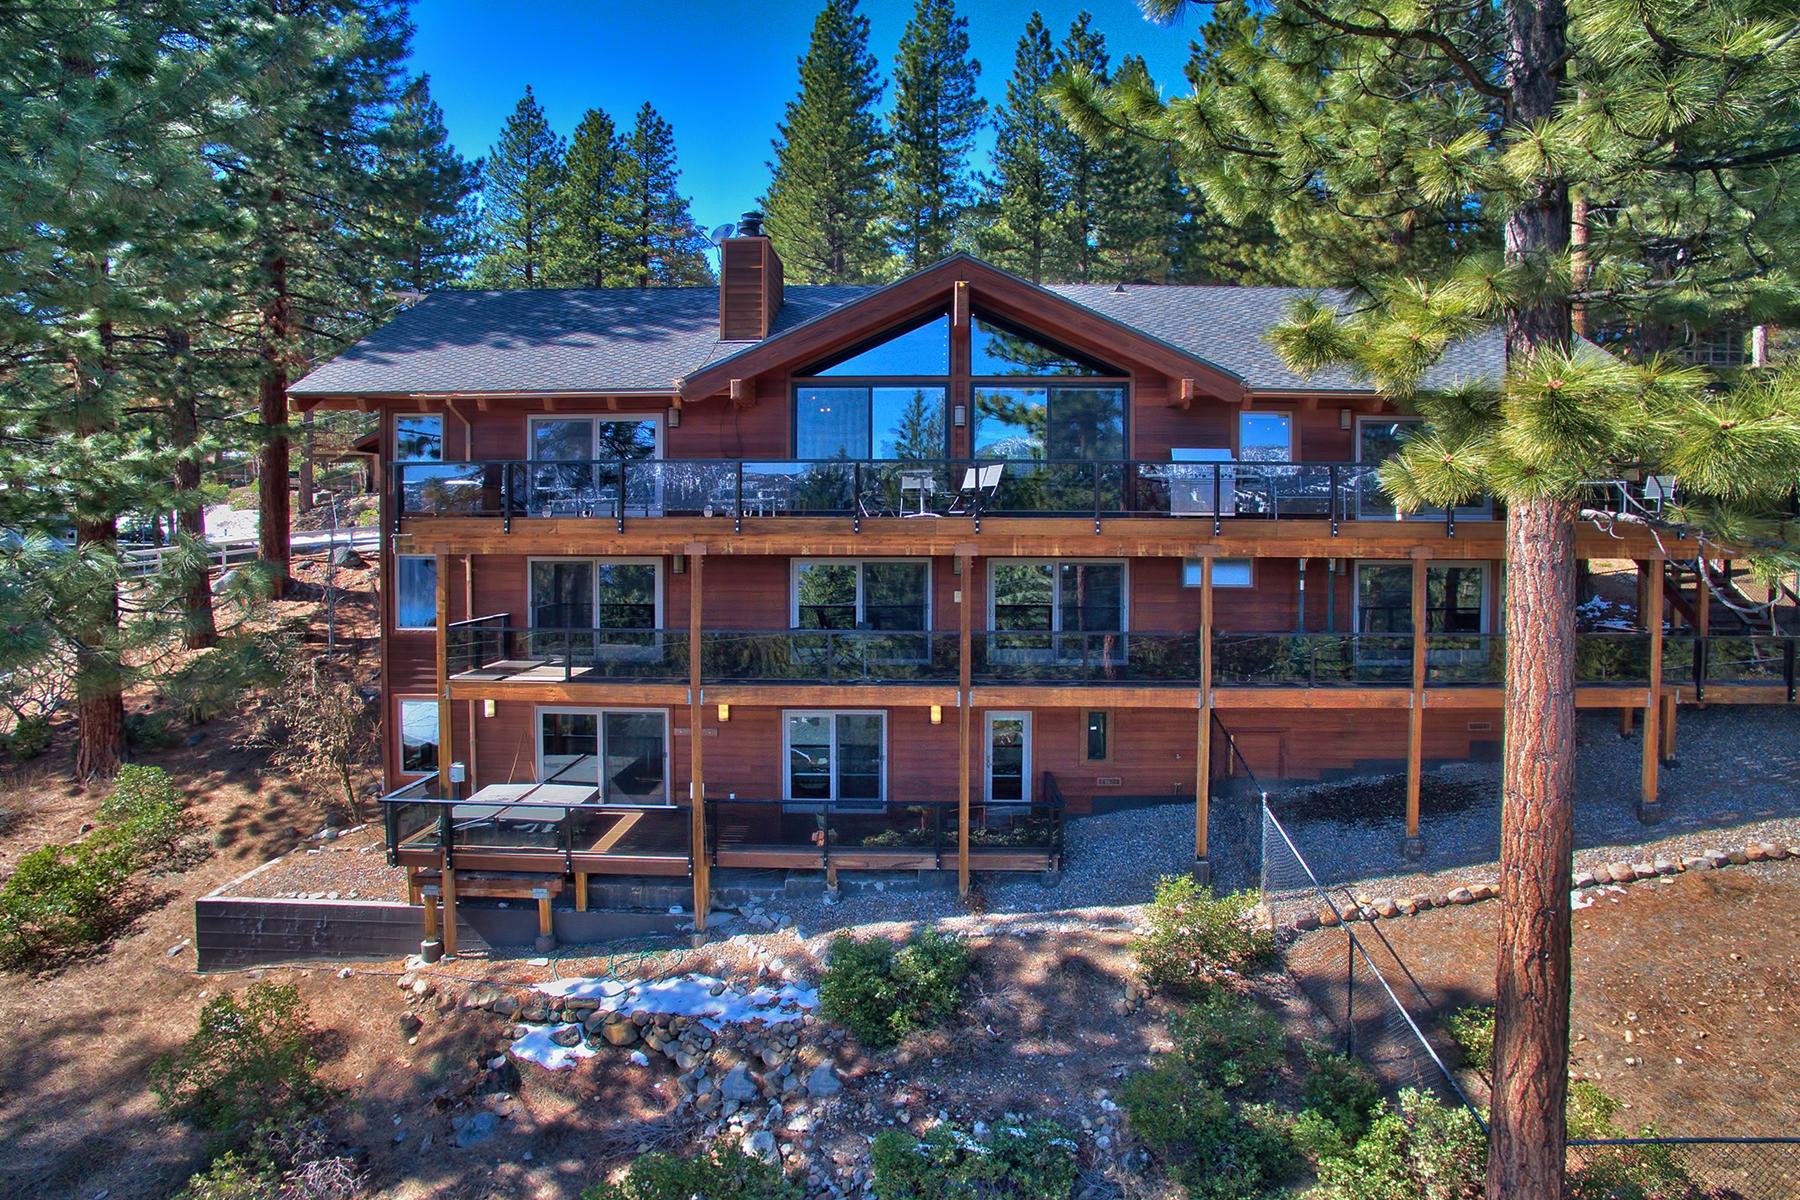 Частный односемейный дом для того Продажа на 569 Alden Incline Village, Невада, 89451 Соединенные Штаты